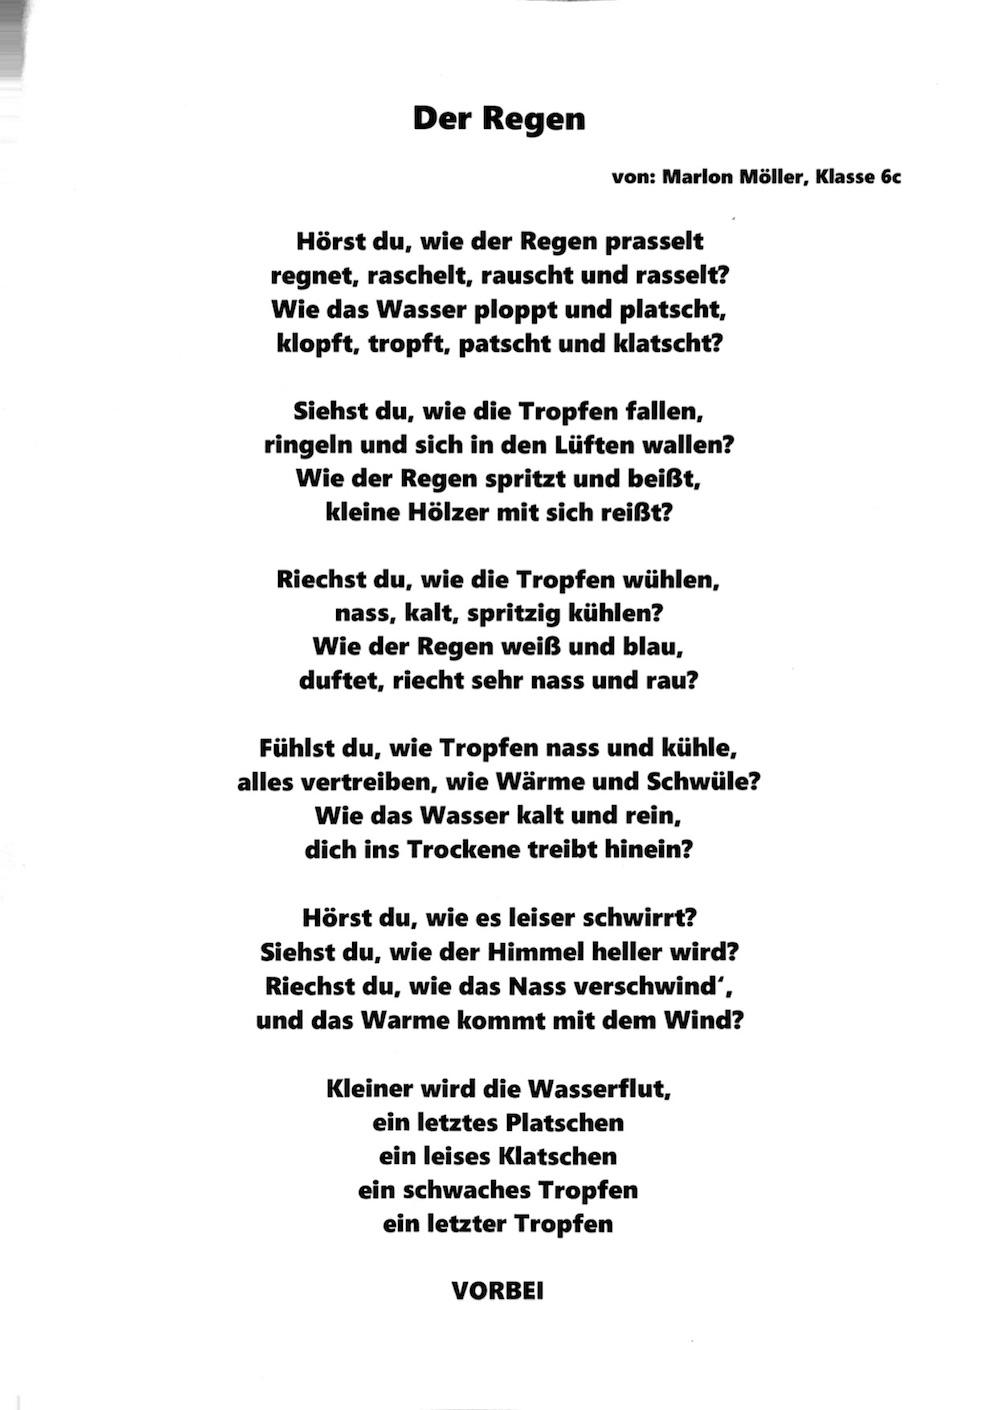 Gedichte Und Bilder.Gedichte Der 6c Copernicus Gymnasium